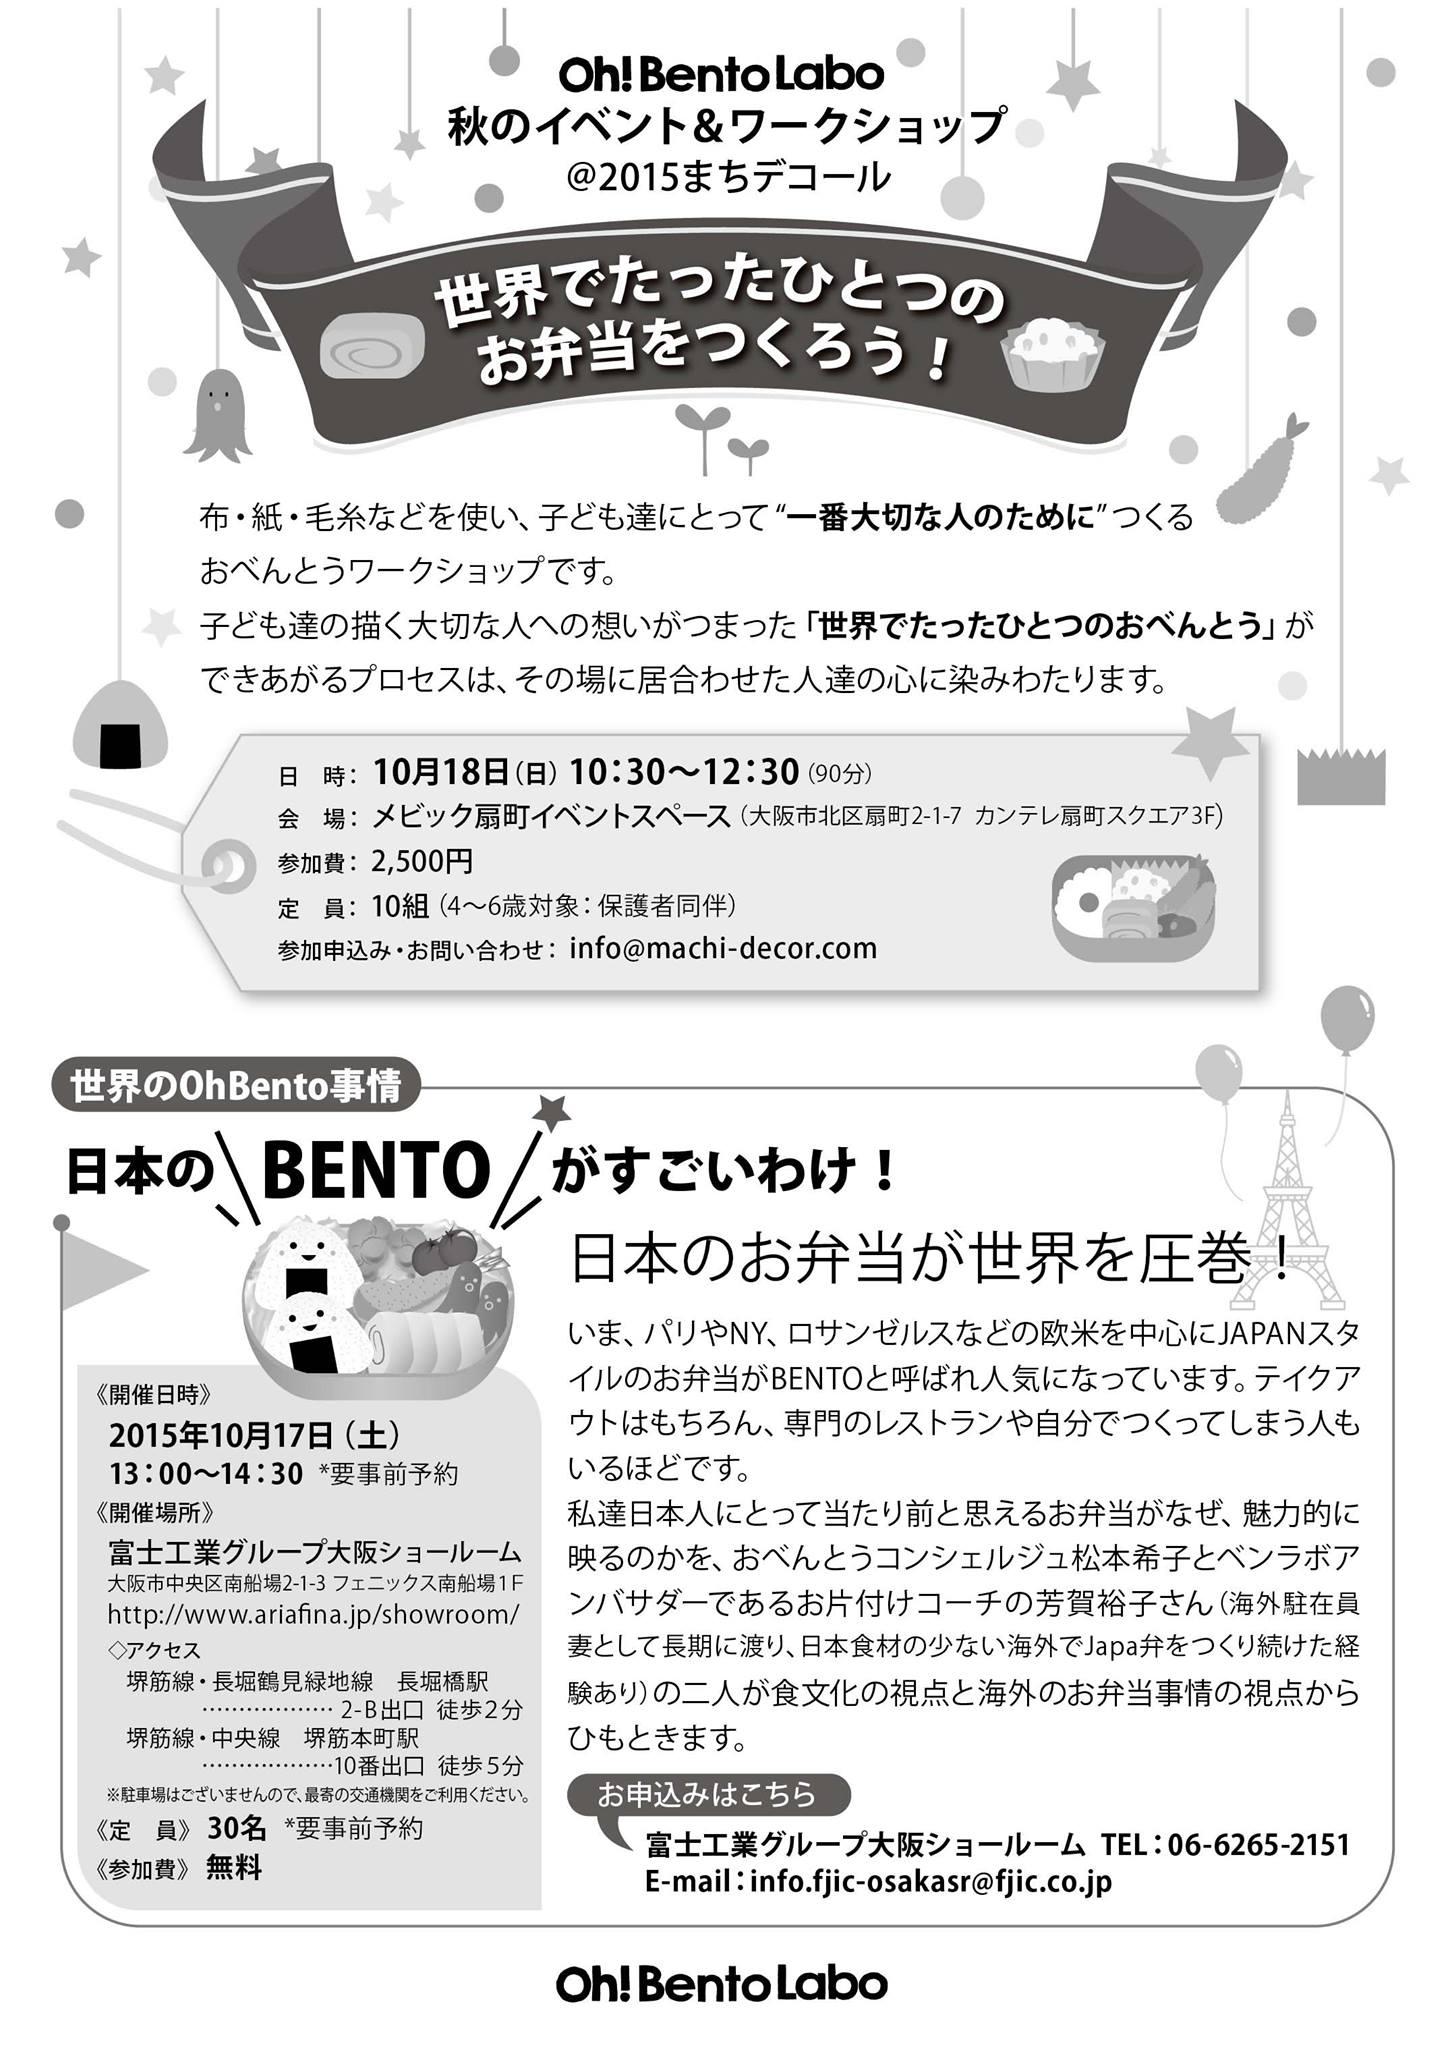 講演会のお知らせ ~世界のBentoがすごいわけ~_a0254243_1055416.jpg